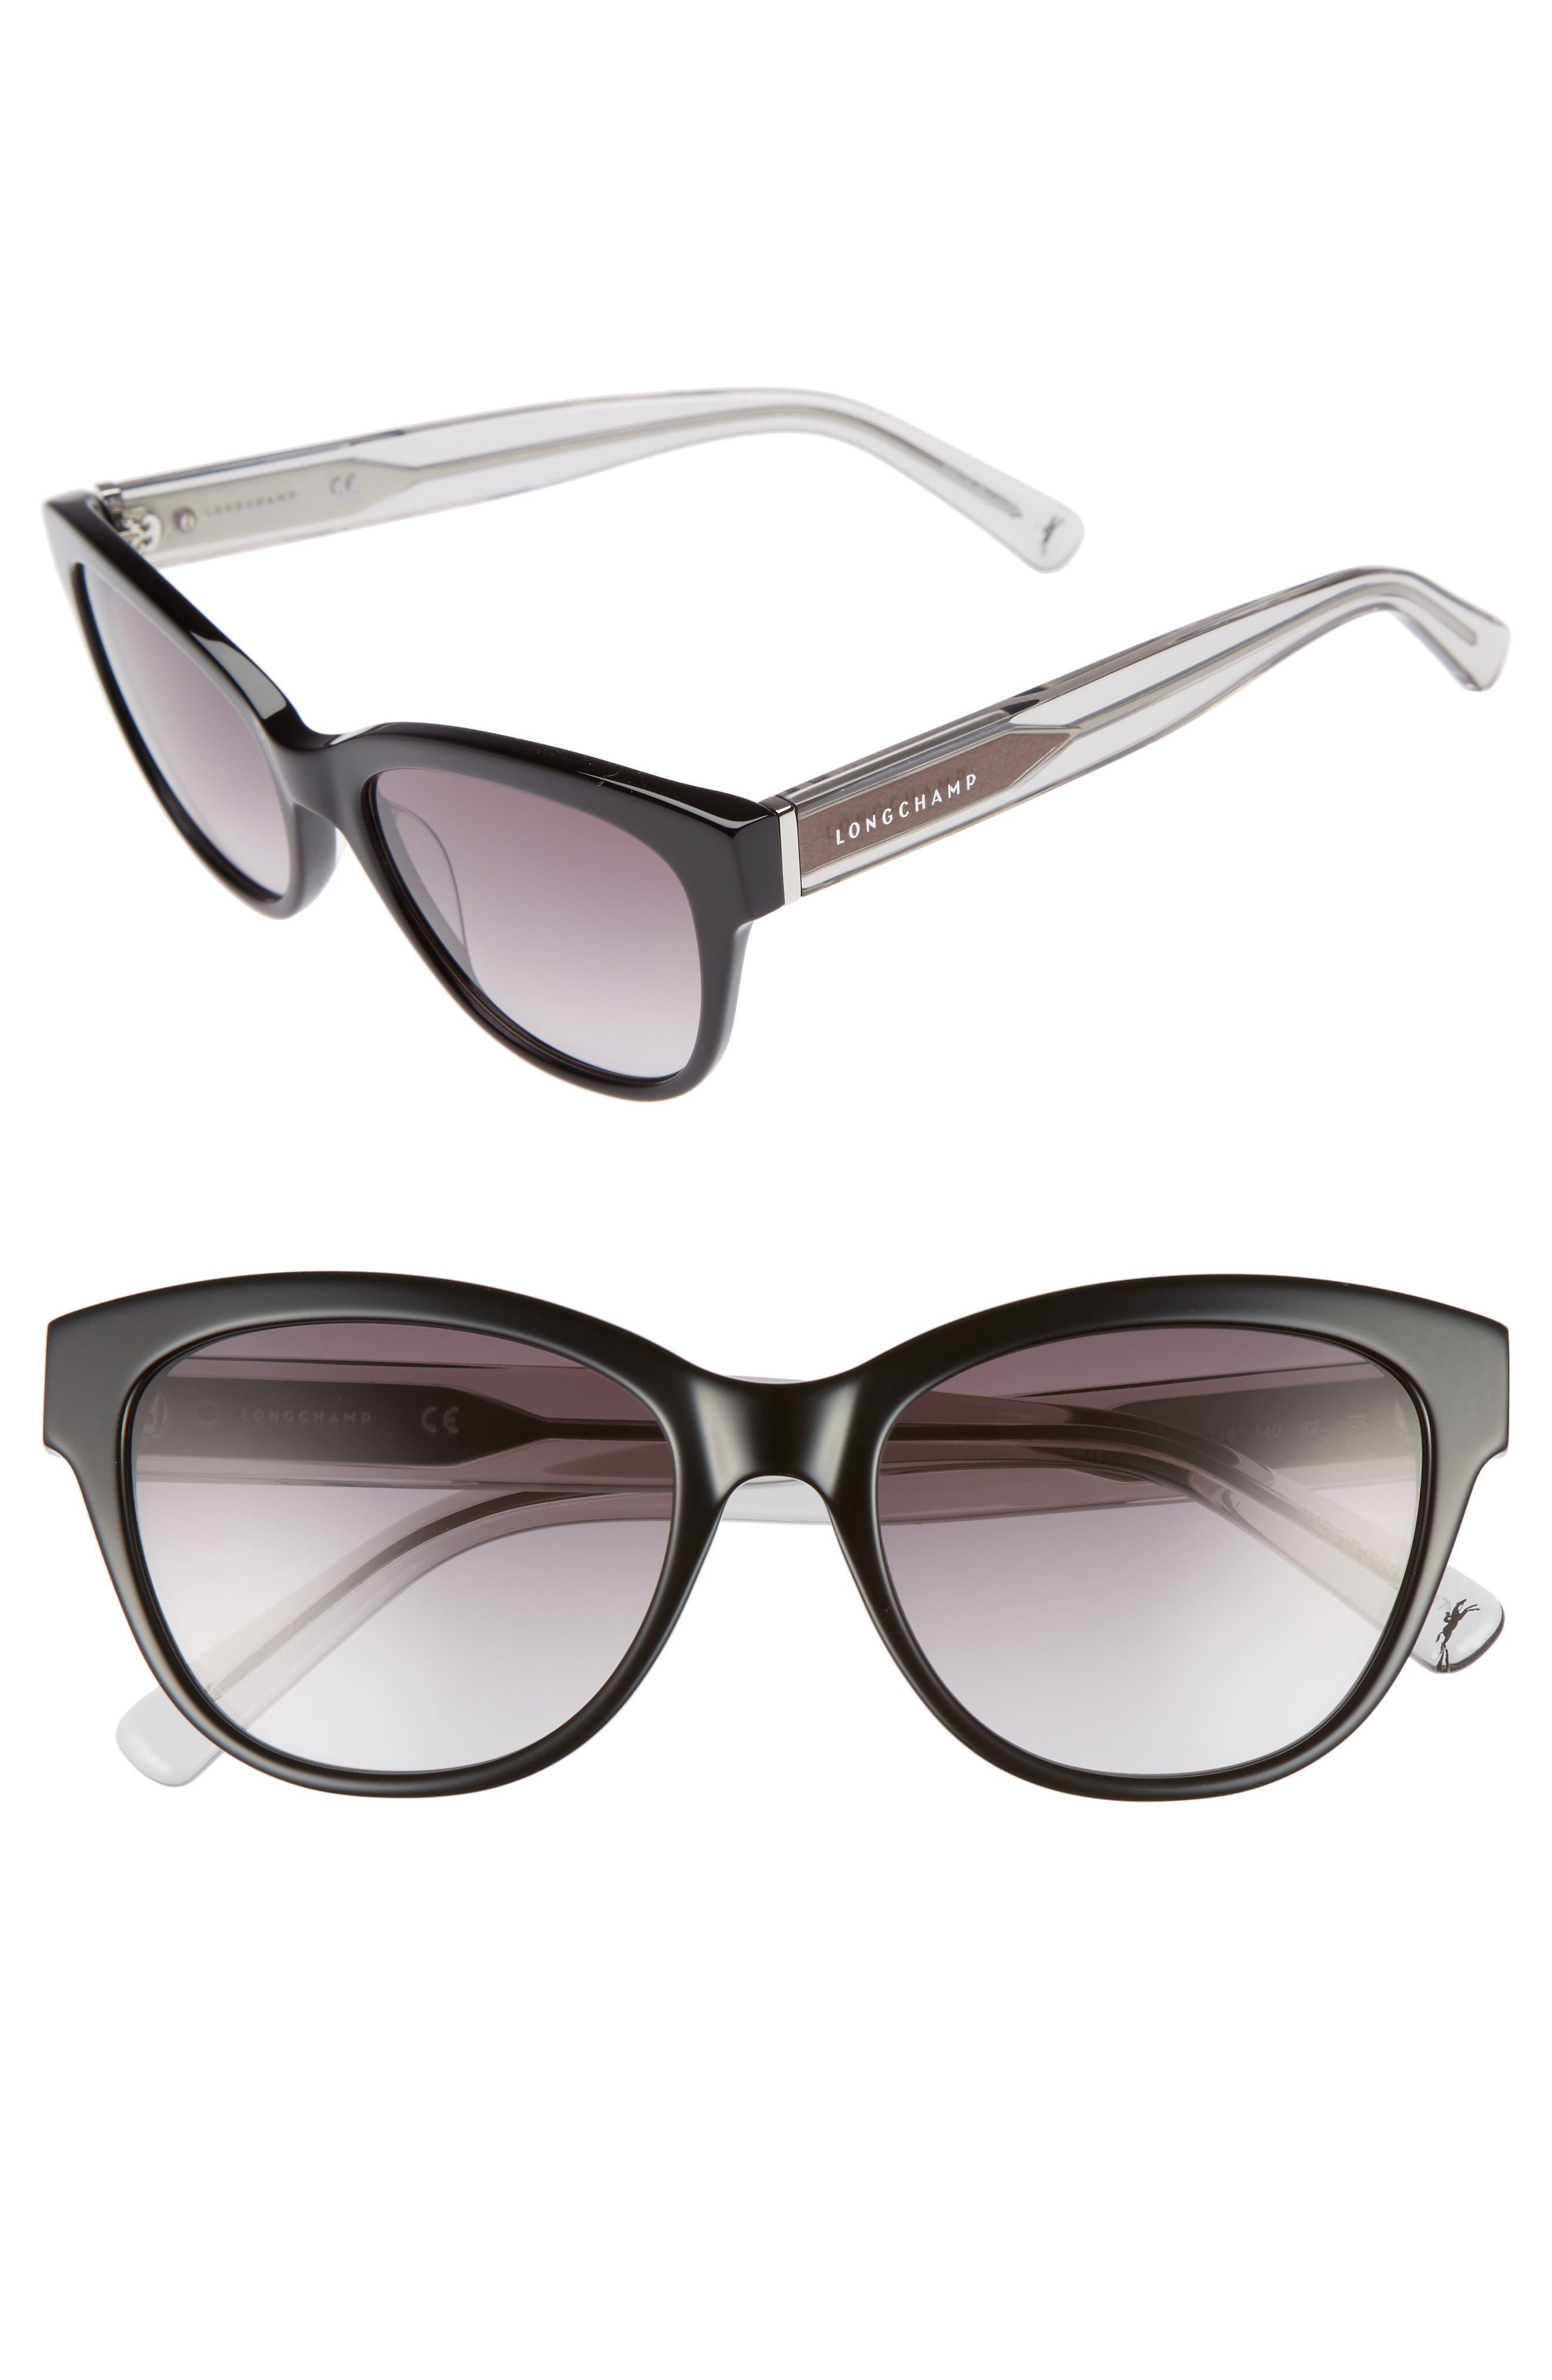 54mm Gradient Lens Sunglasses,                             Main thumbnail 1, color,                             001